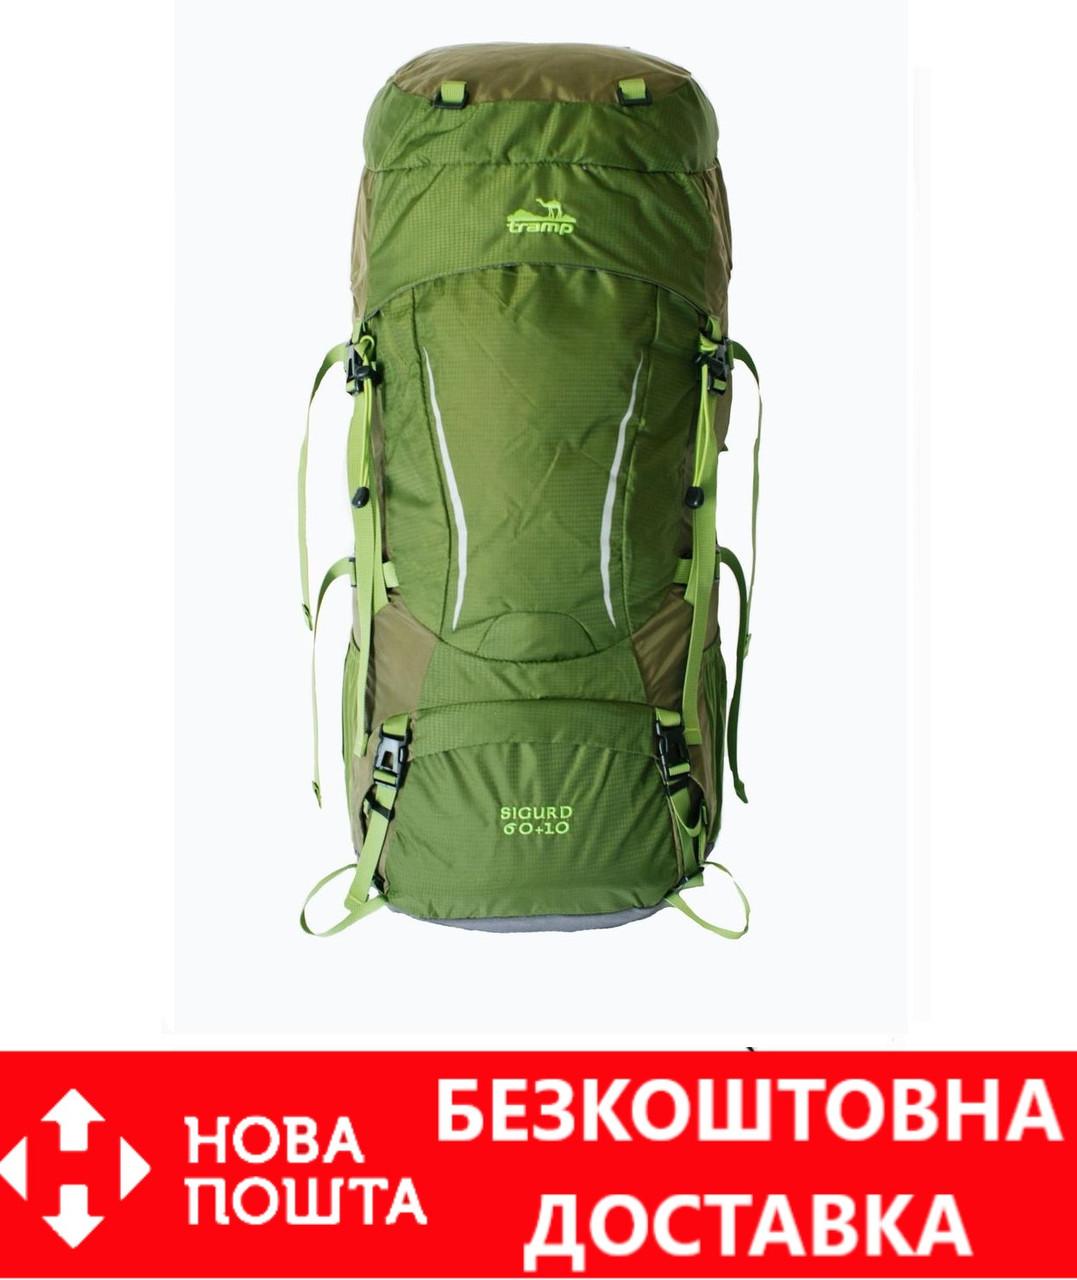 Туристичний рюкзак Tramp Sigurd 60+10 зелений TRP-045-green